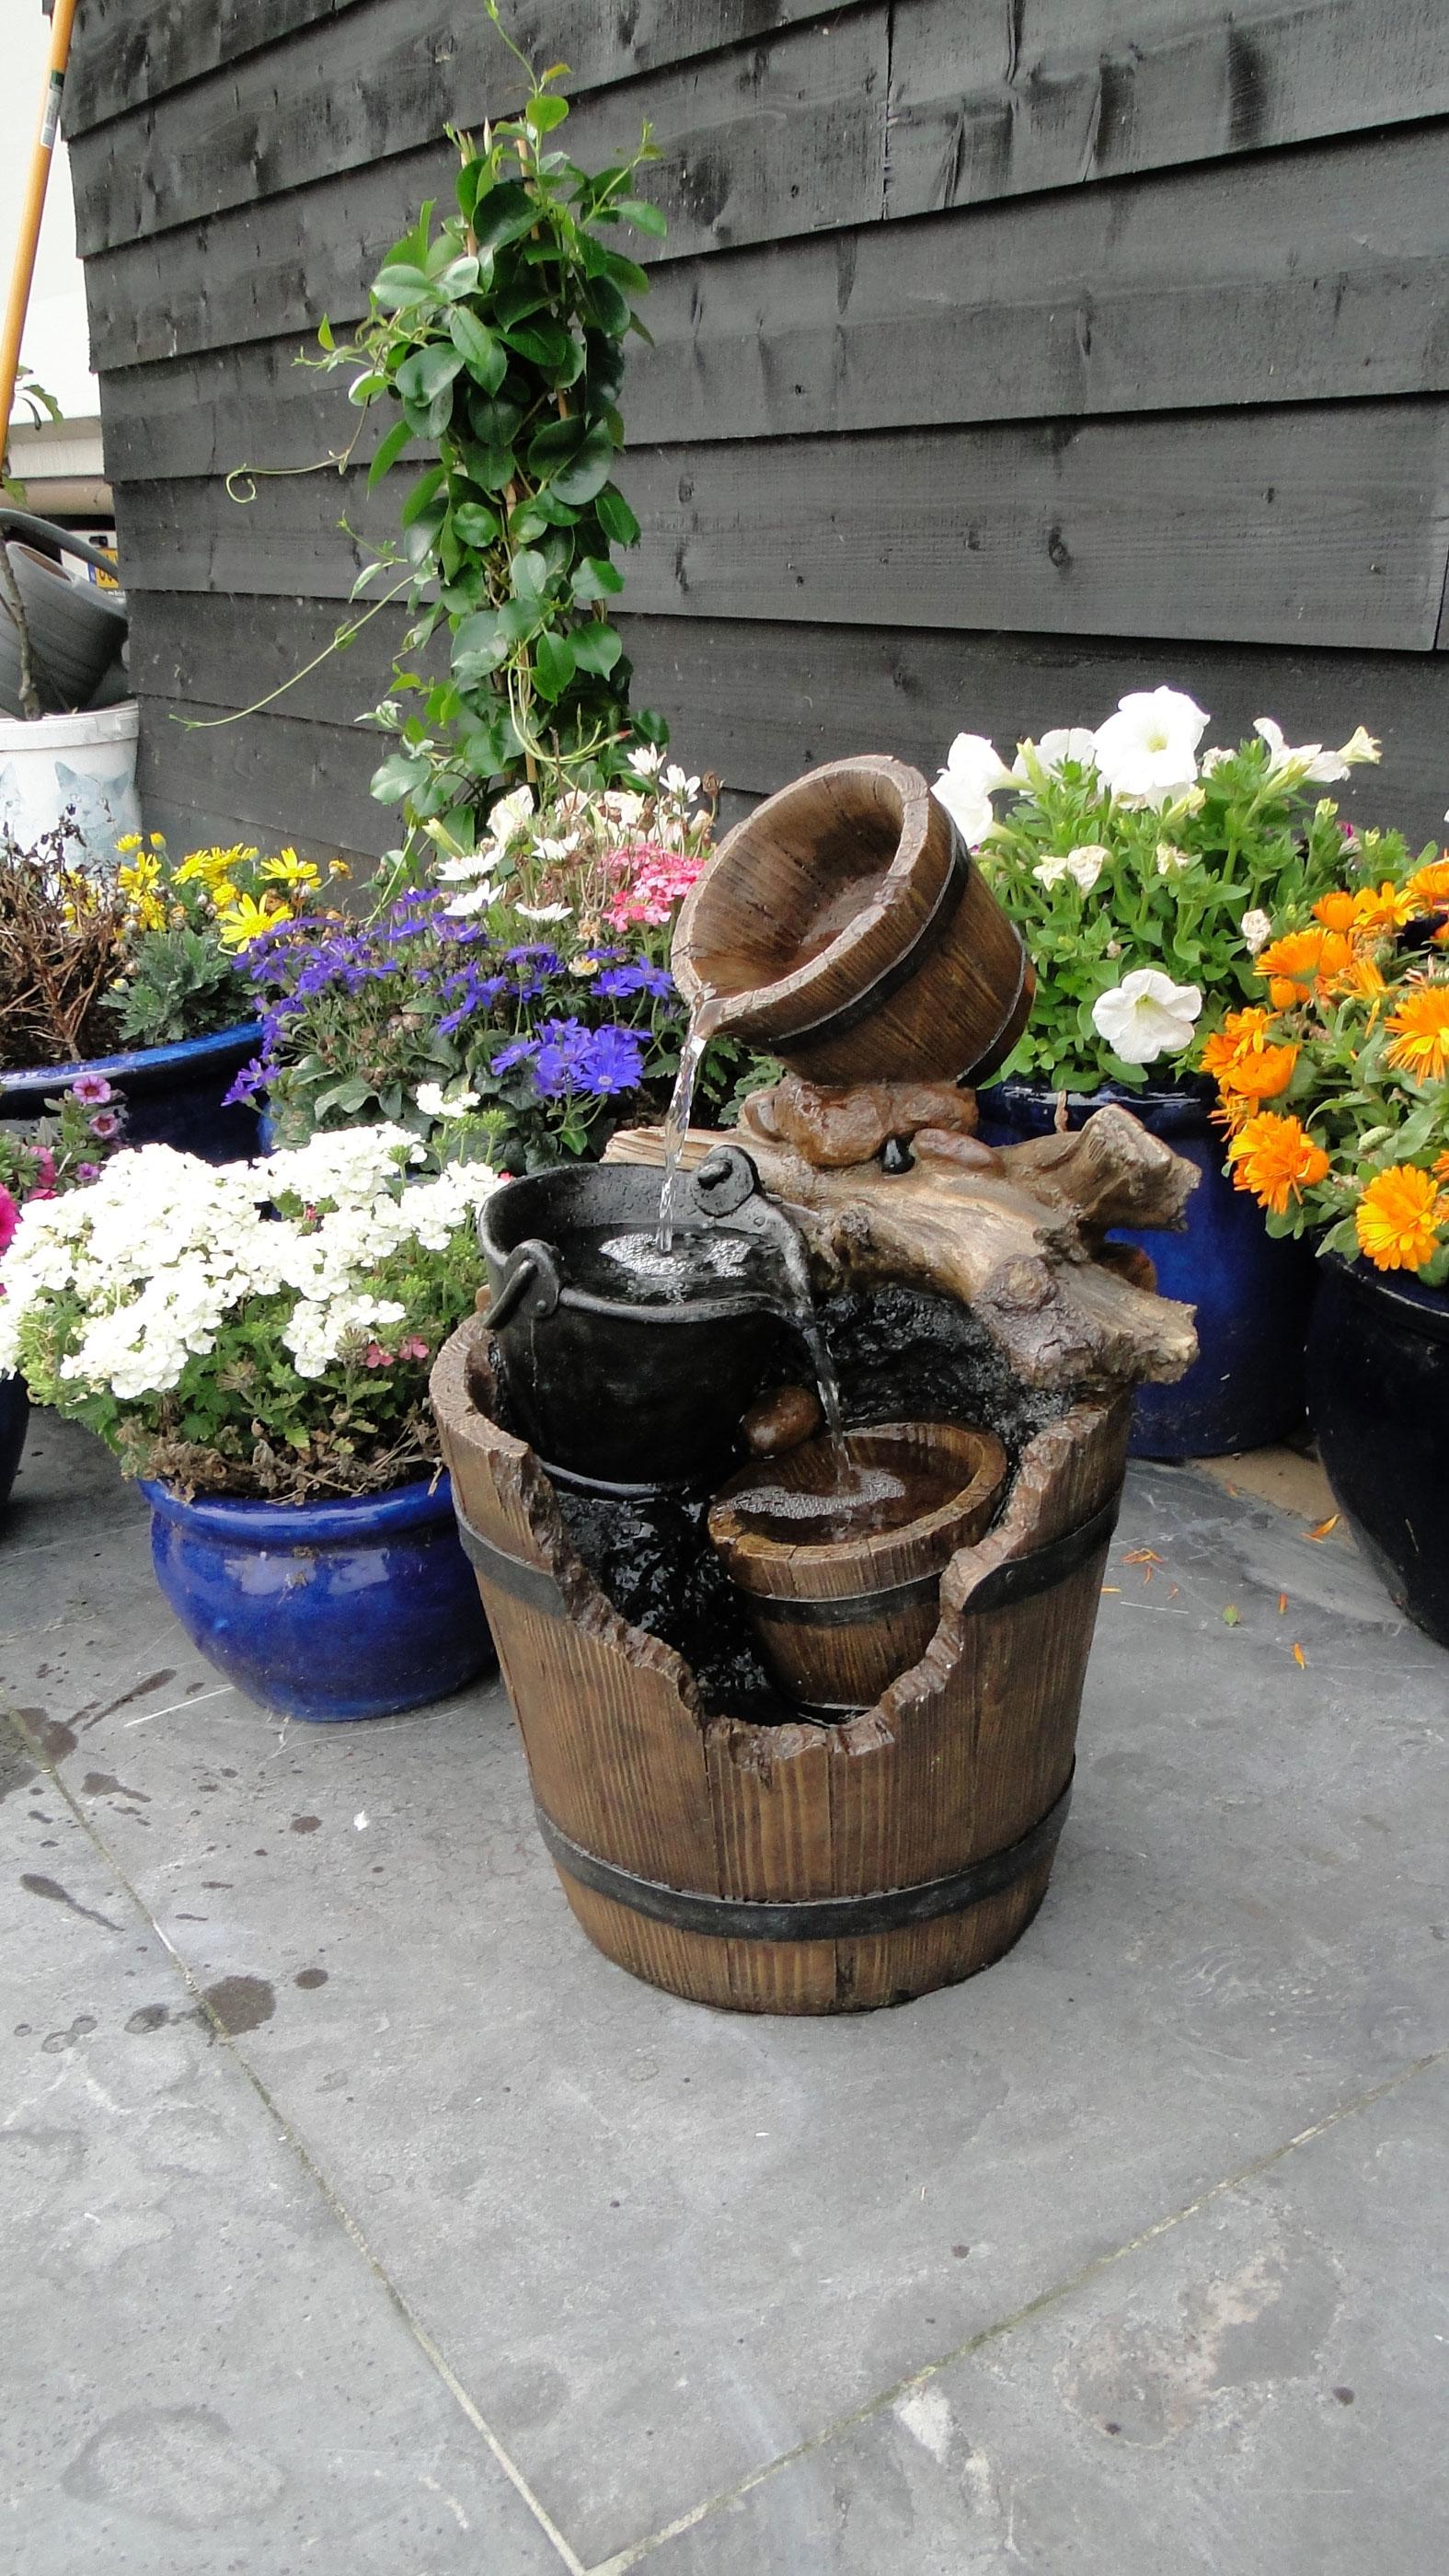 Gartenbrunnen / Springbrunnen / Wasserspiel Ubbink AcquaArte Portland Bild 1